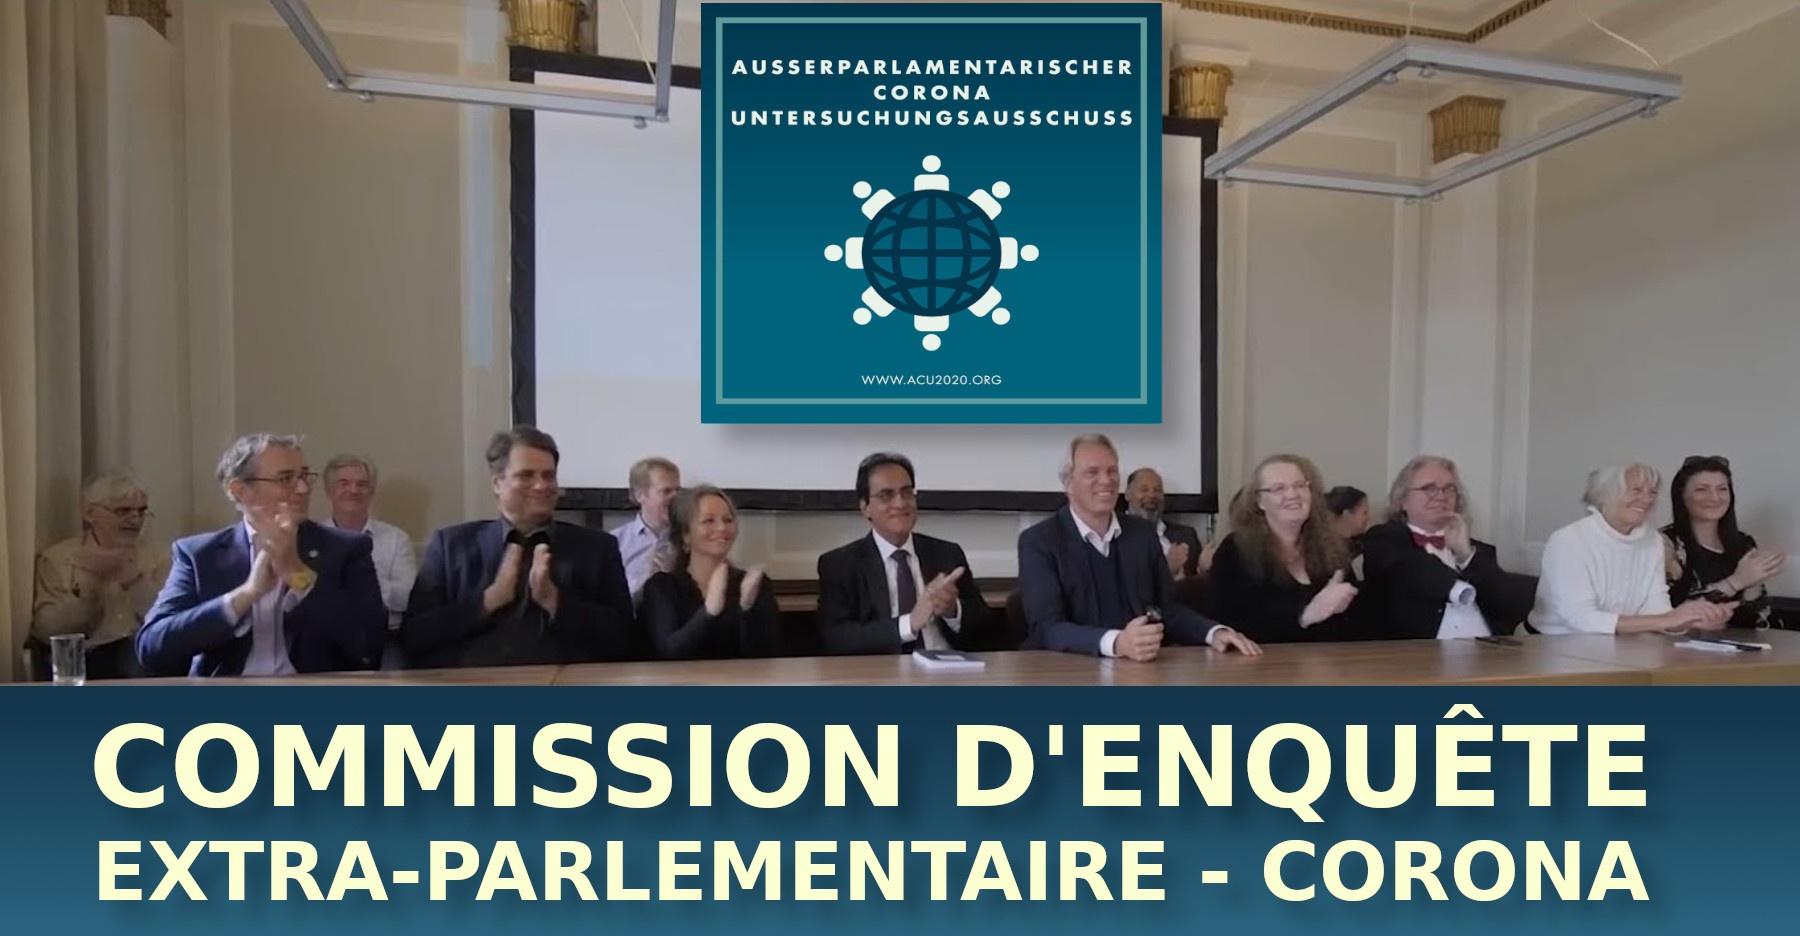 CORONA: COMMISSION D'ENQUÊTE EXTRA-PARLEMENTAIRE